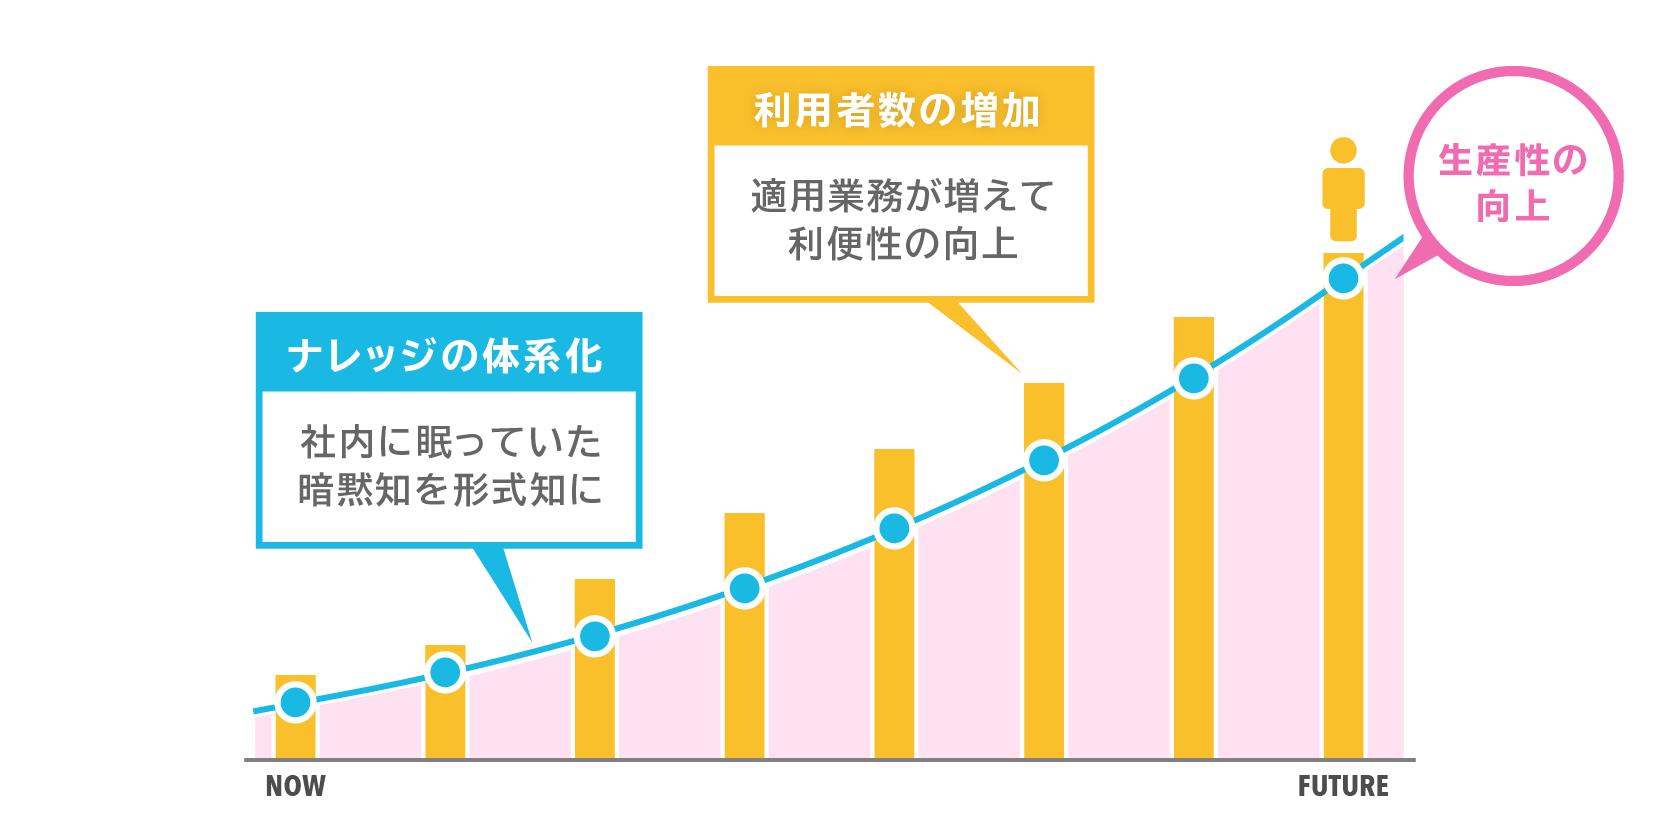 ナレッジの体系化=社内に眠っていた暗黙知を形式知にする。利用者数の増加=適用業務が増えて利便性の向上。それにより生産性が向上